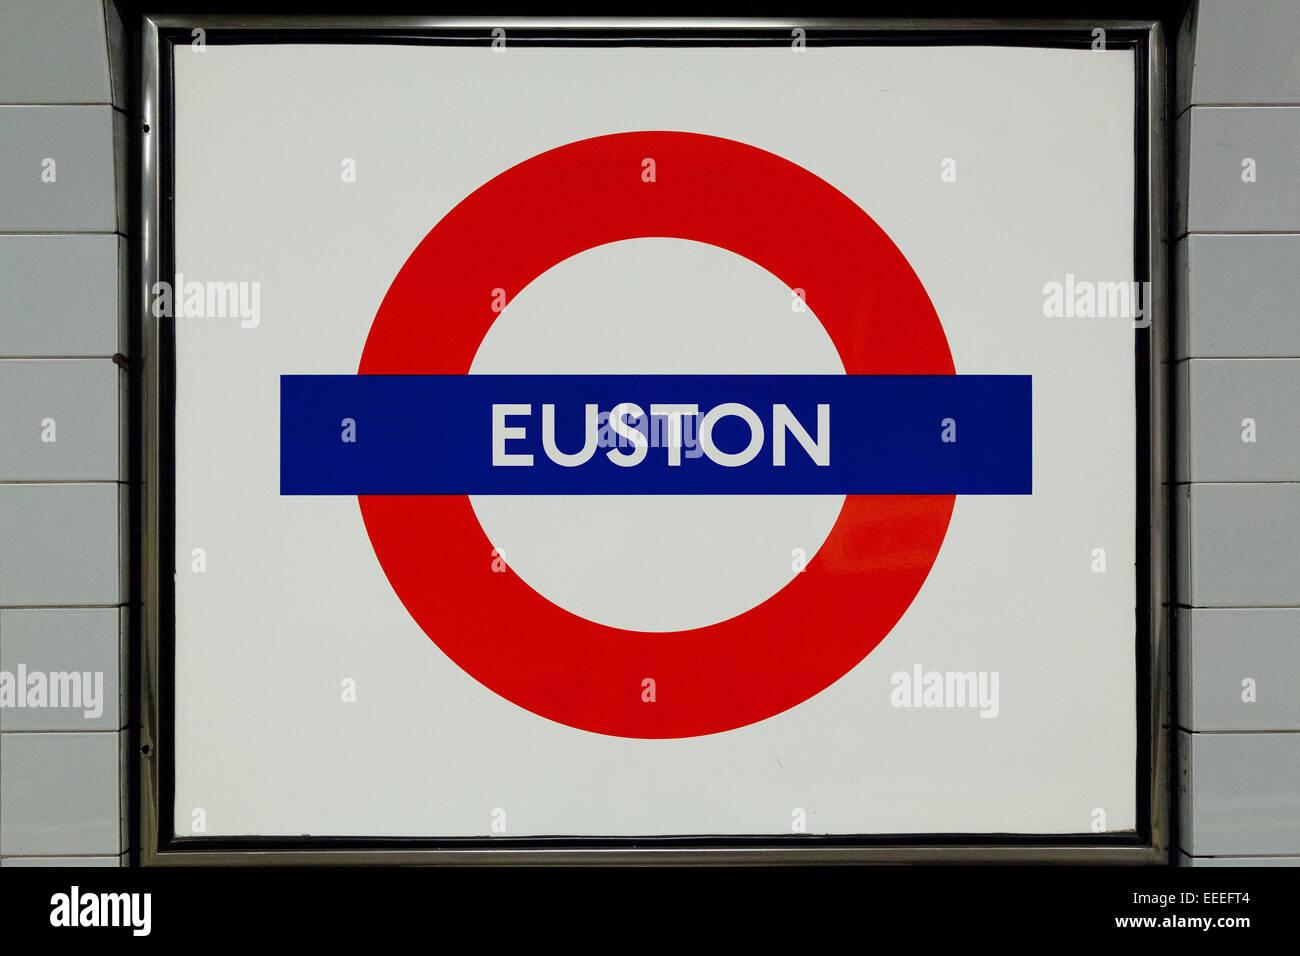 Platform roundel at Euston station - Stock Image